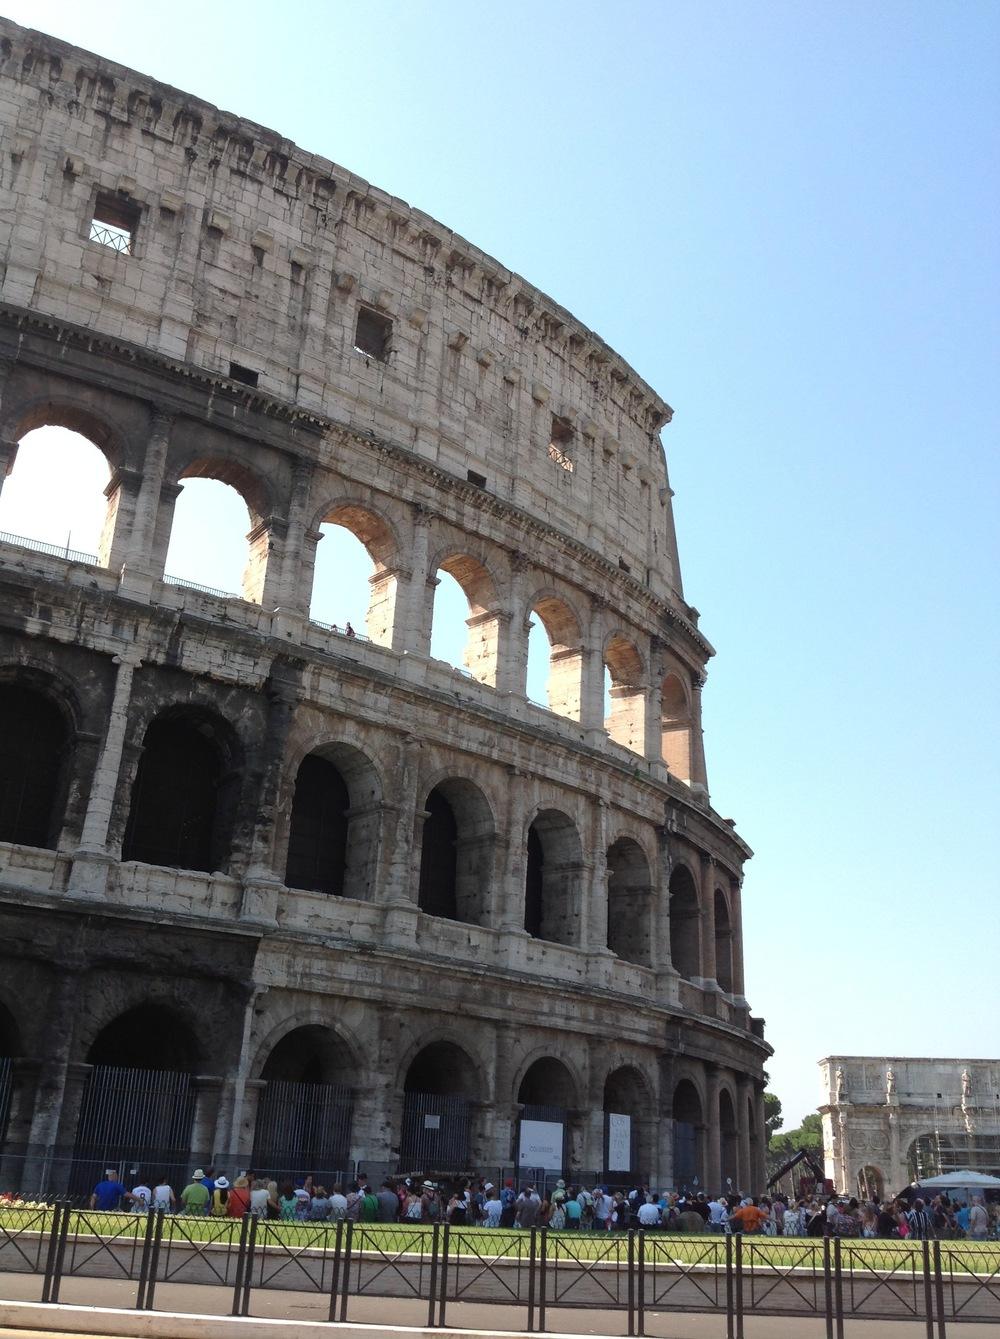 Il Colosseo (The — truly colossal — Colosseum);70 C.E.